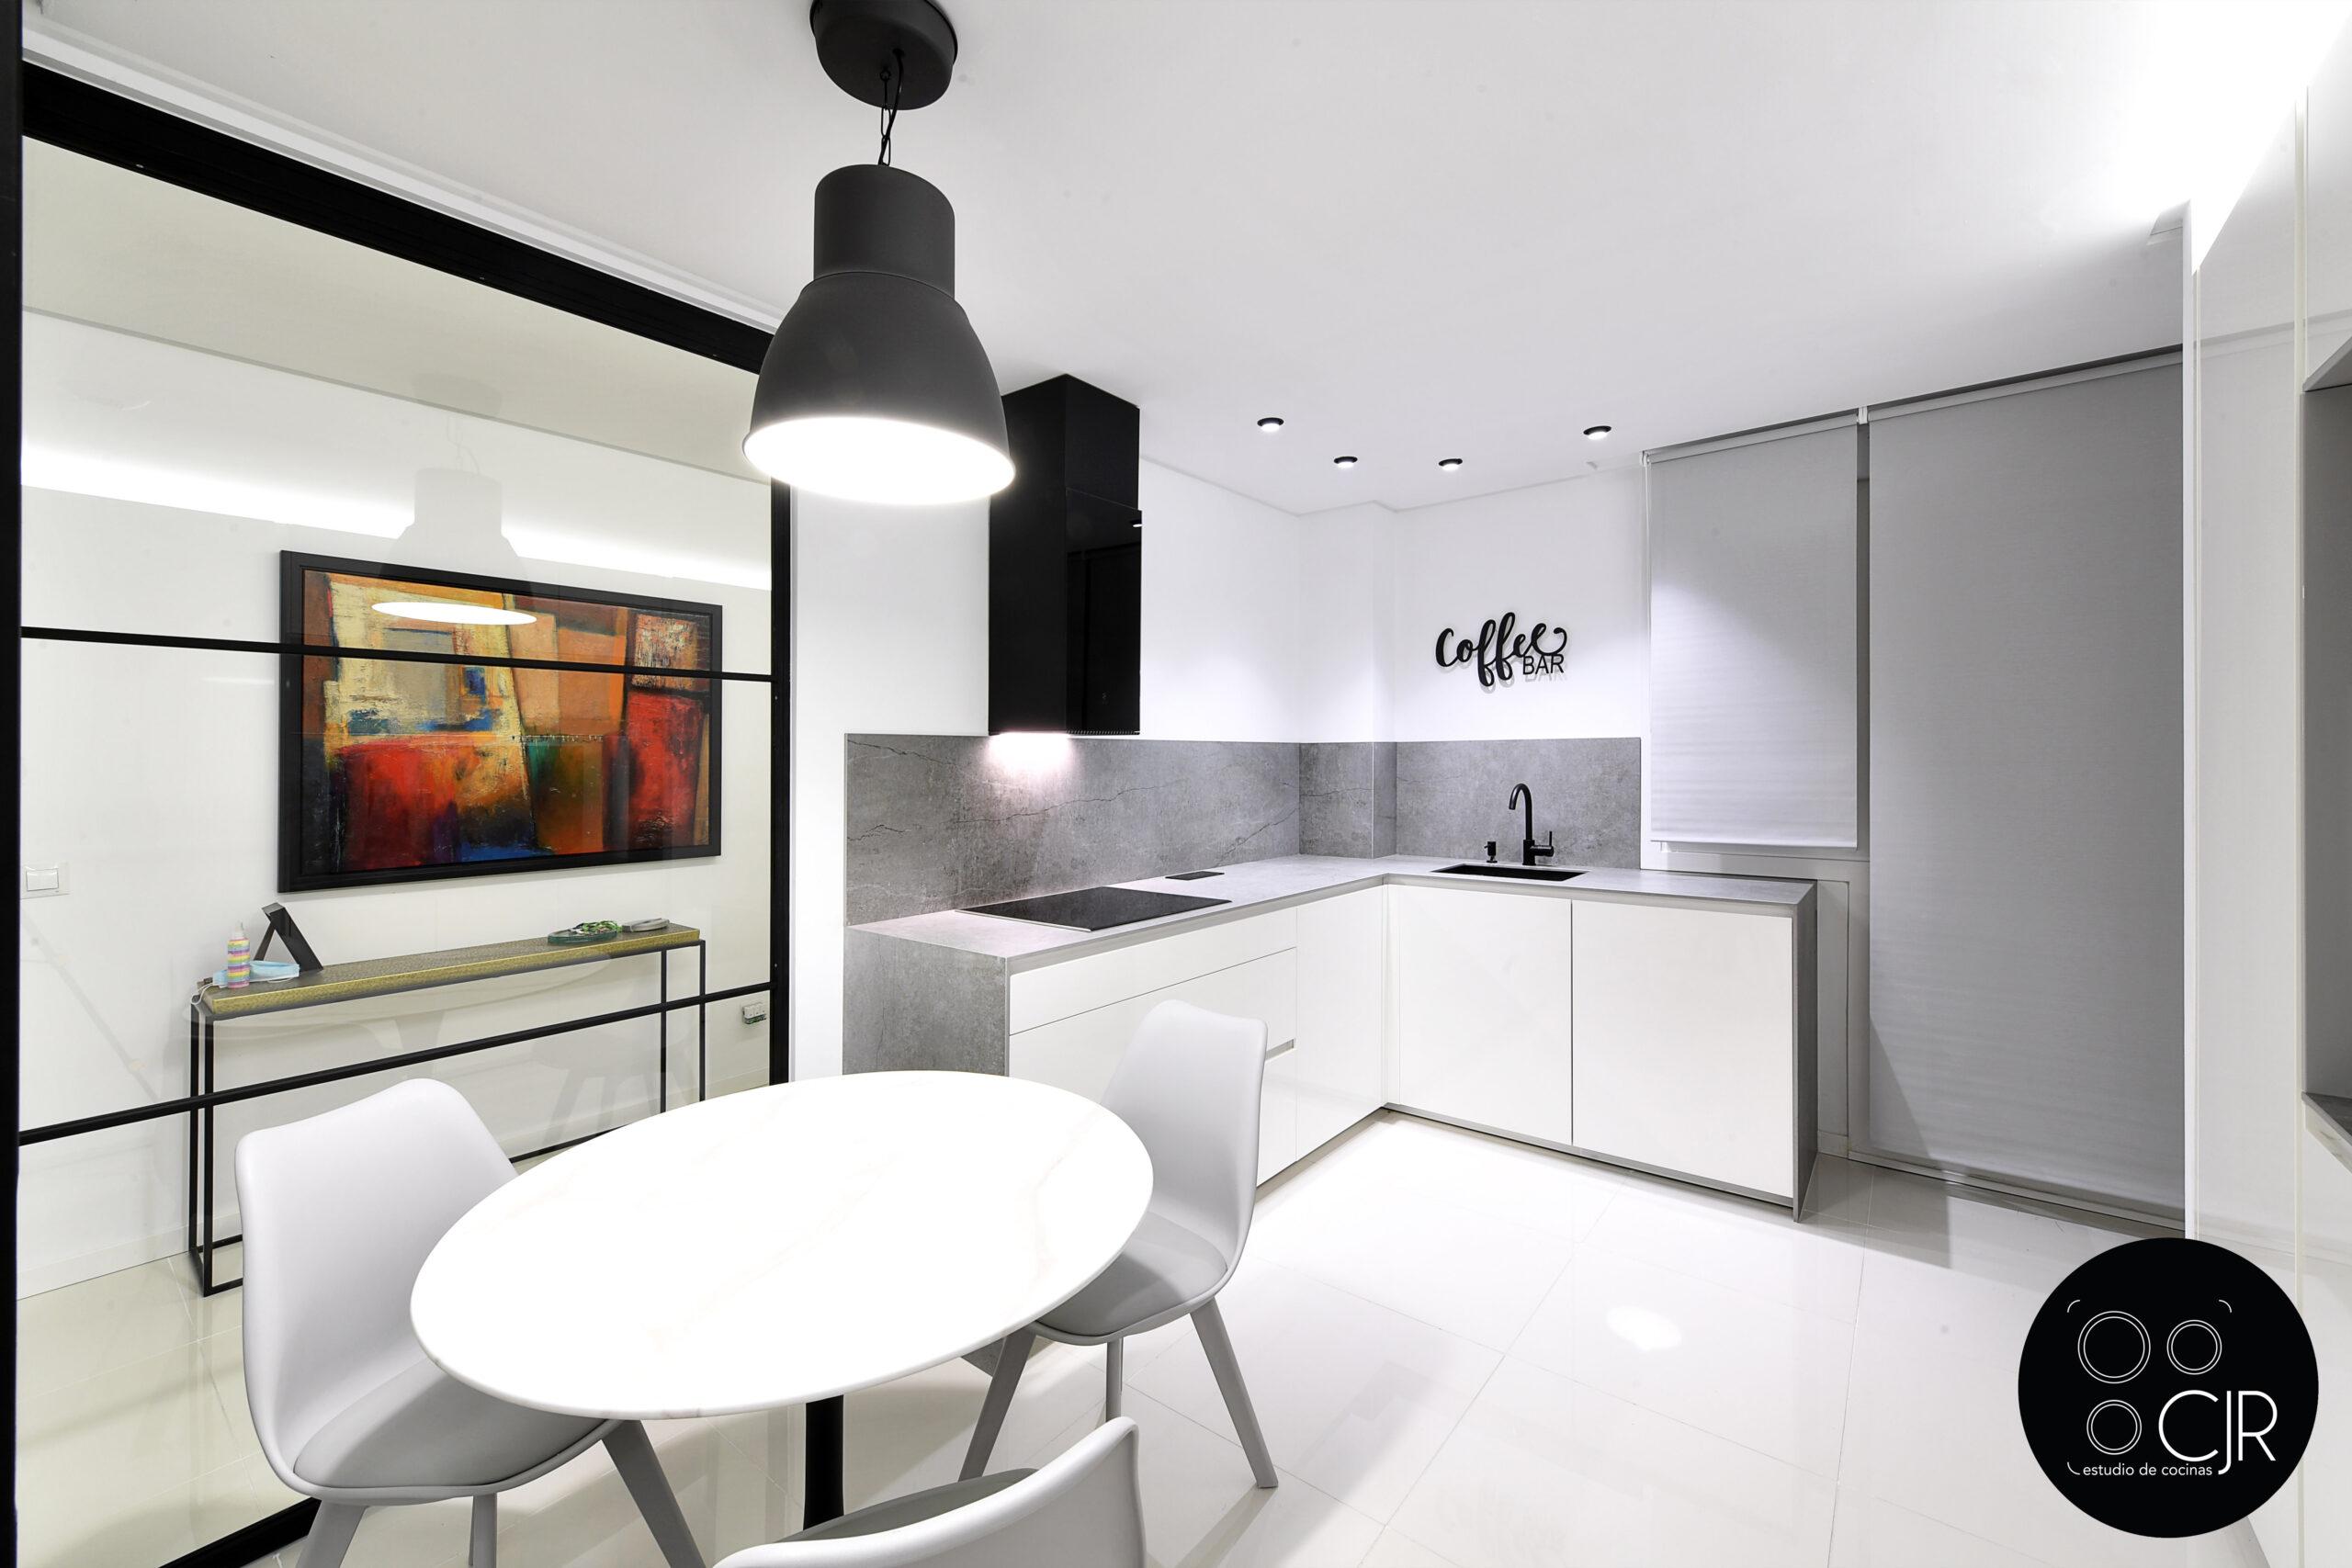 Vista desde una esquina de la cocina blanca con encimera gris marengo